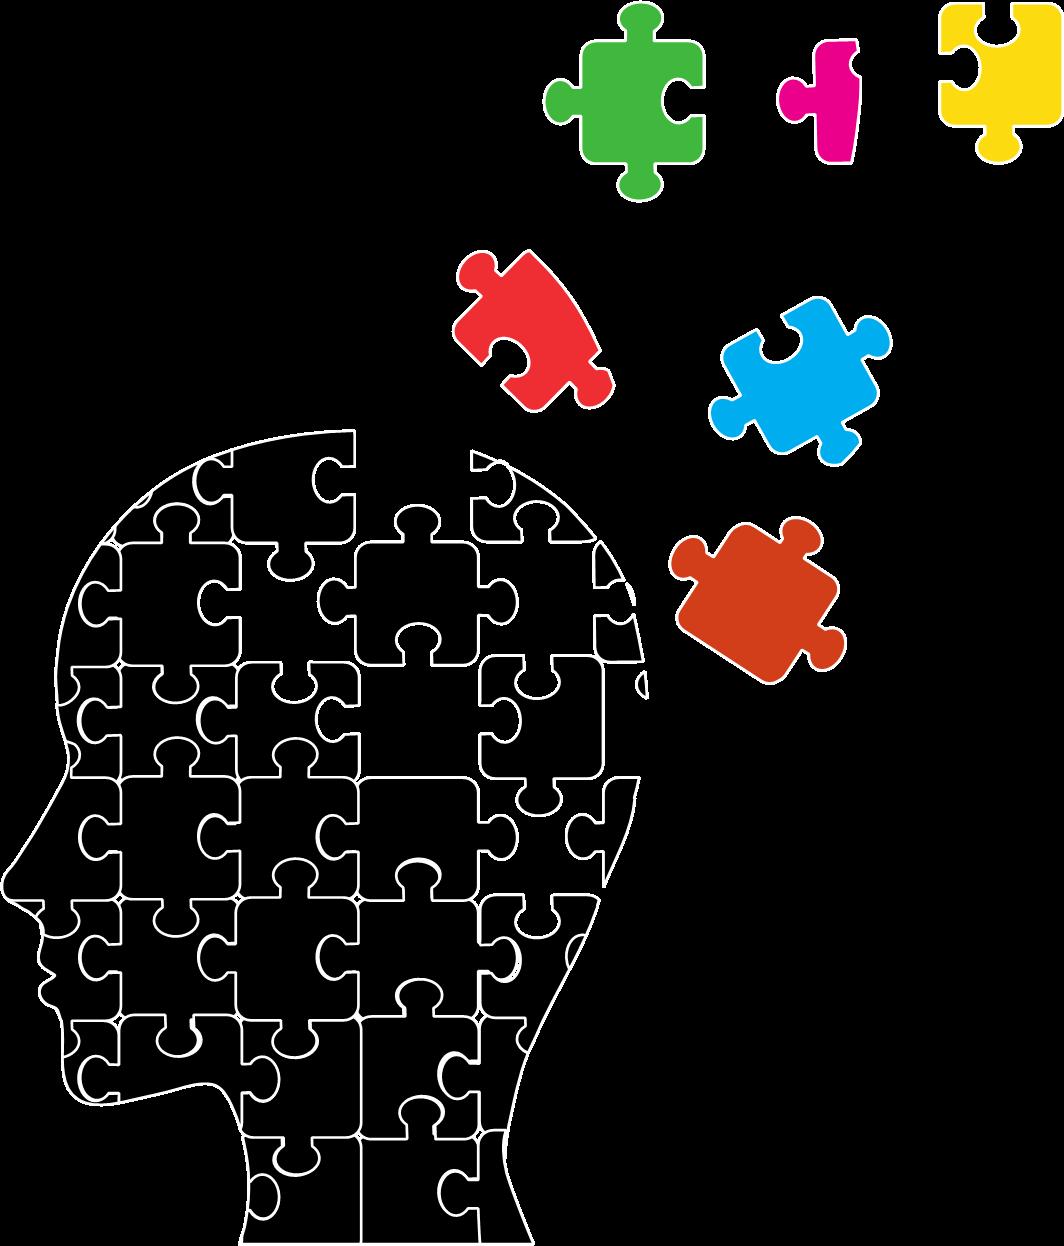 jpg free library Memories clipart. Mild cognitive impairment cognition